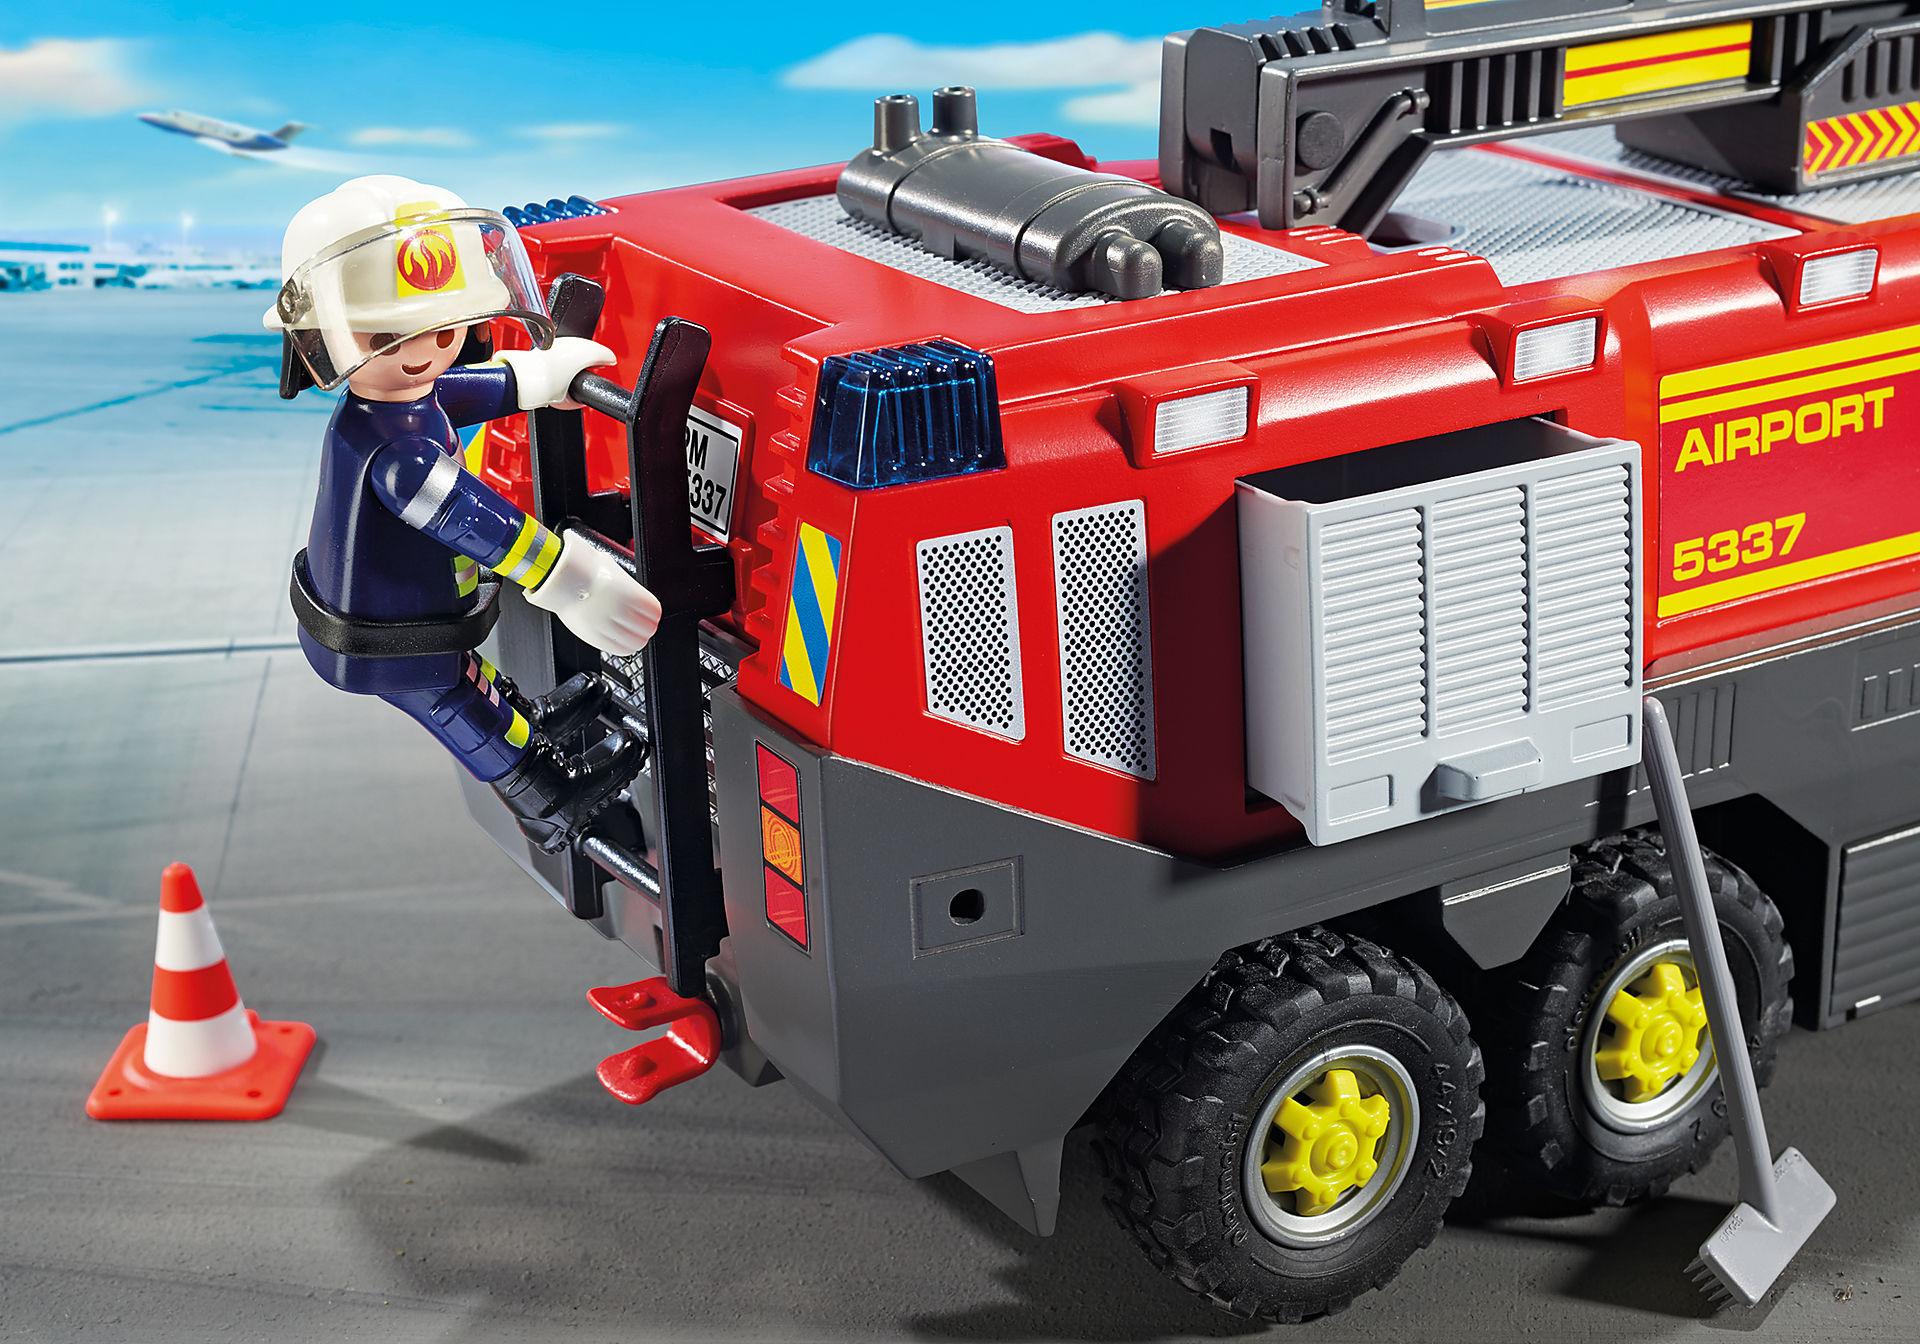 5337 Pompiers avec véhicule aéroportuaire zoom image6